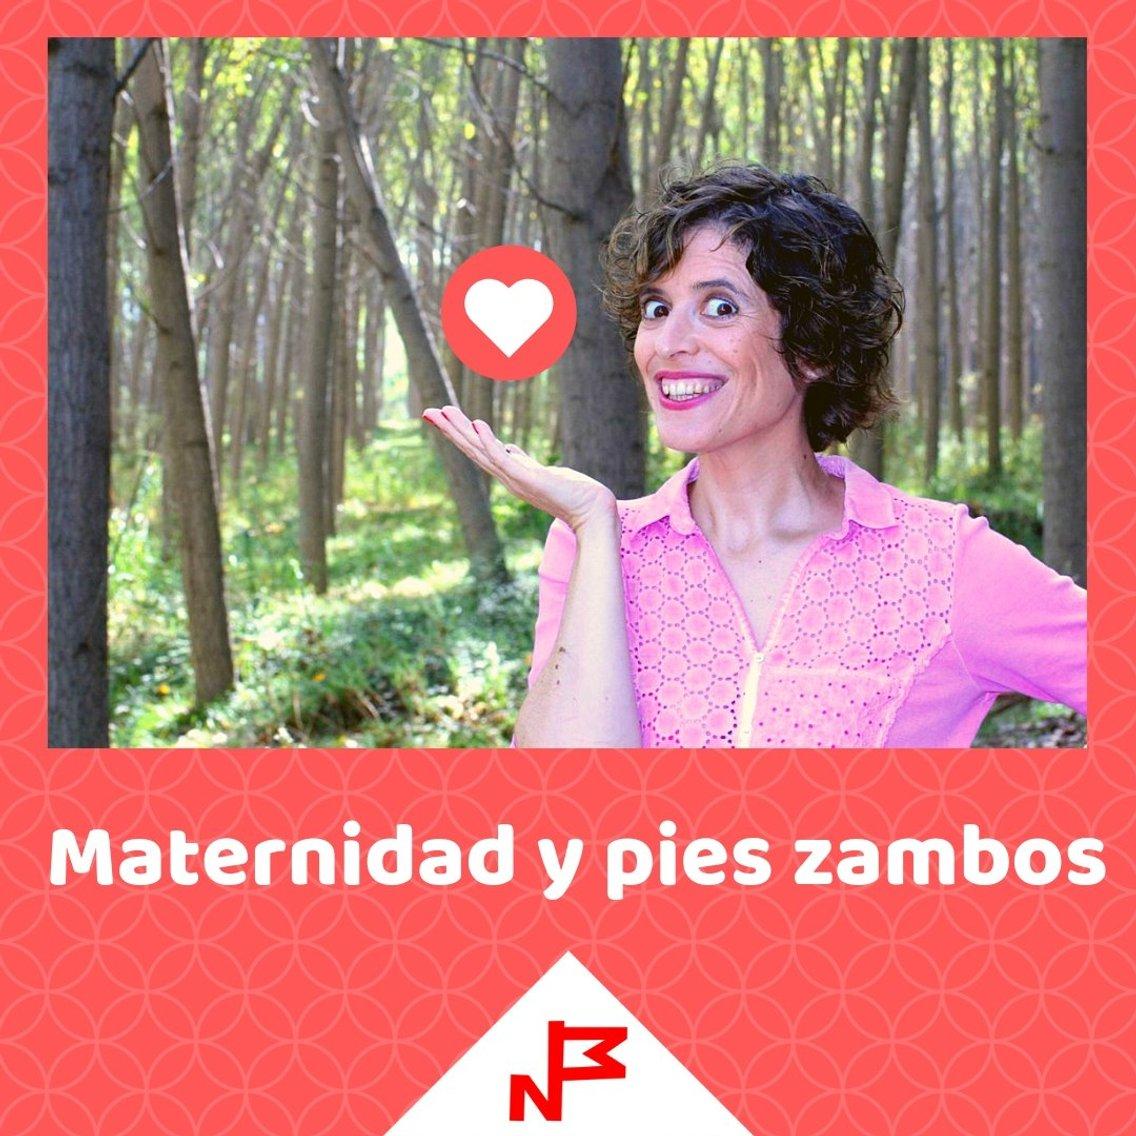 Maternidad y pies zambos - Cover Image